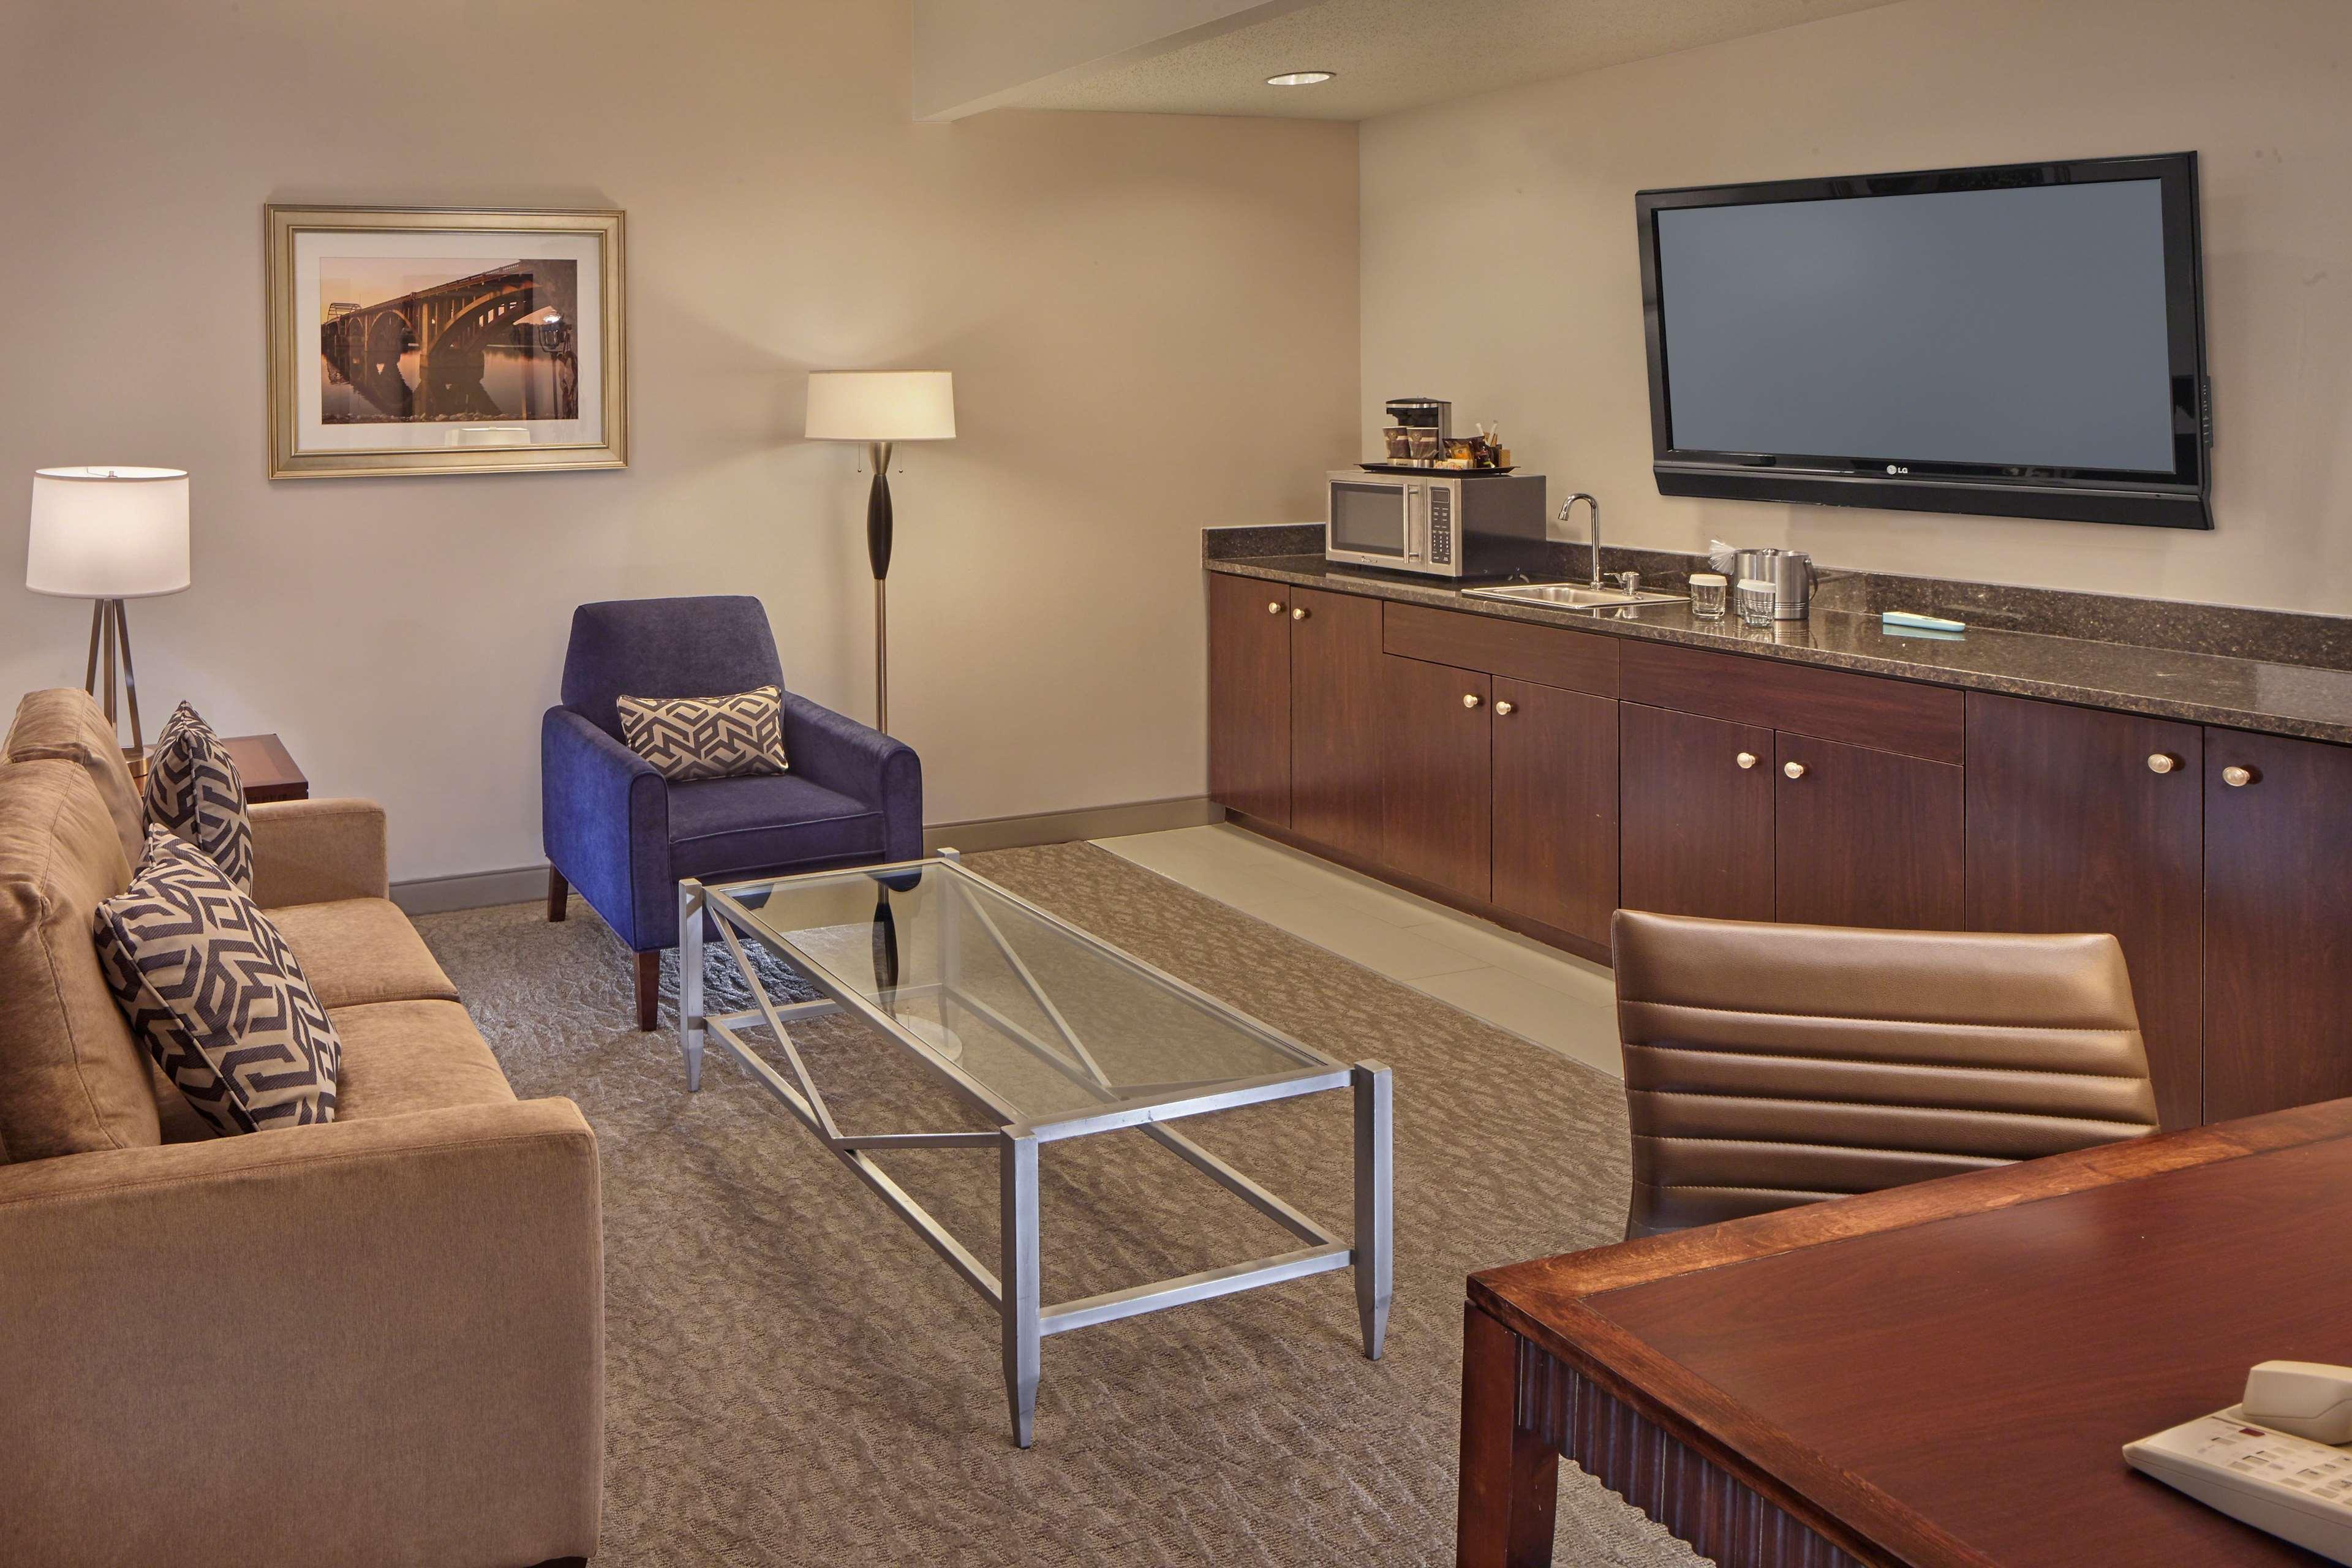 DoubleTree by Hilton Hotel Little Rock image 27